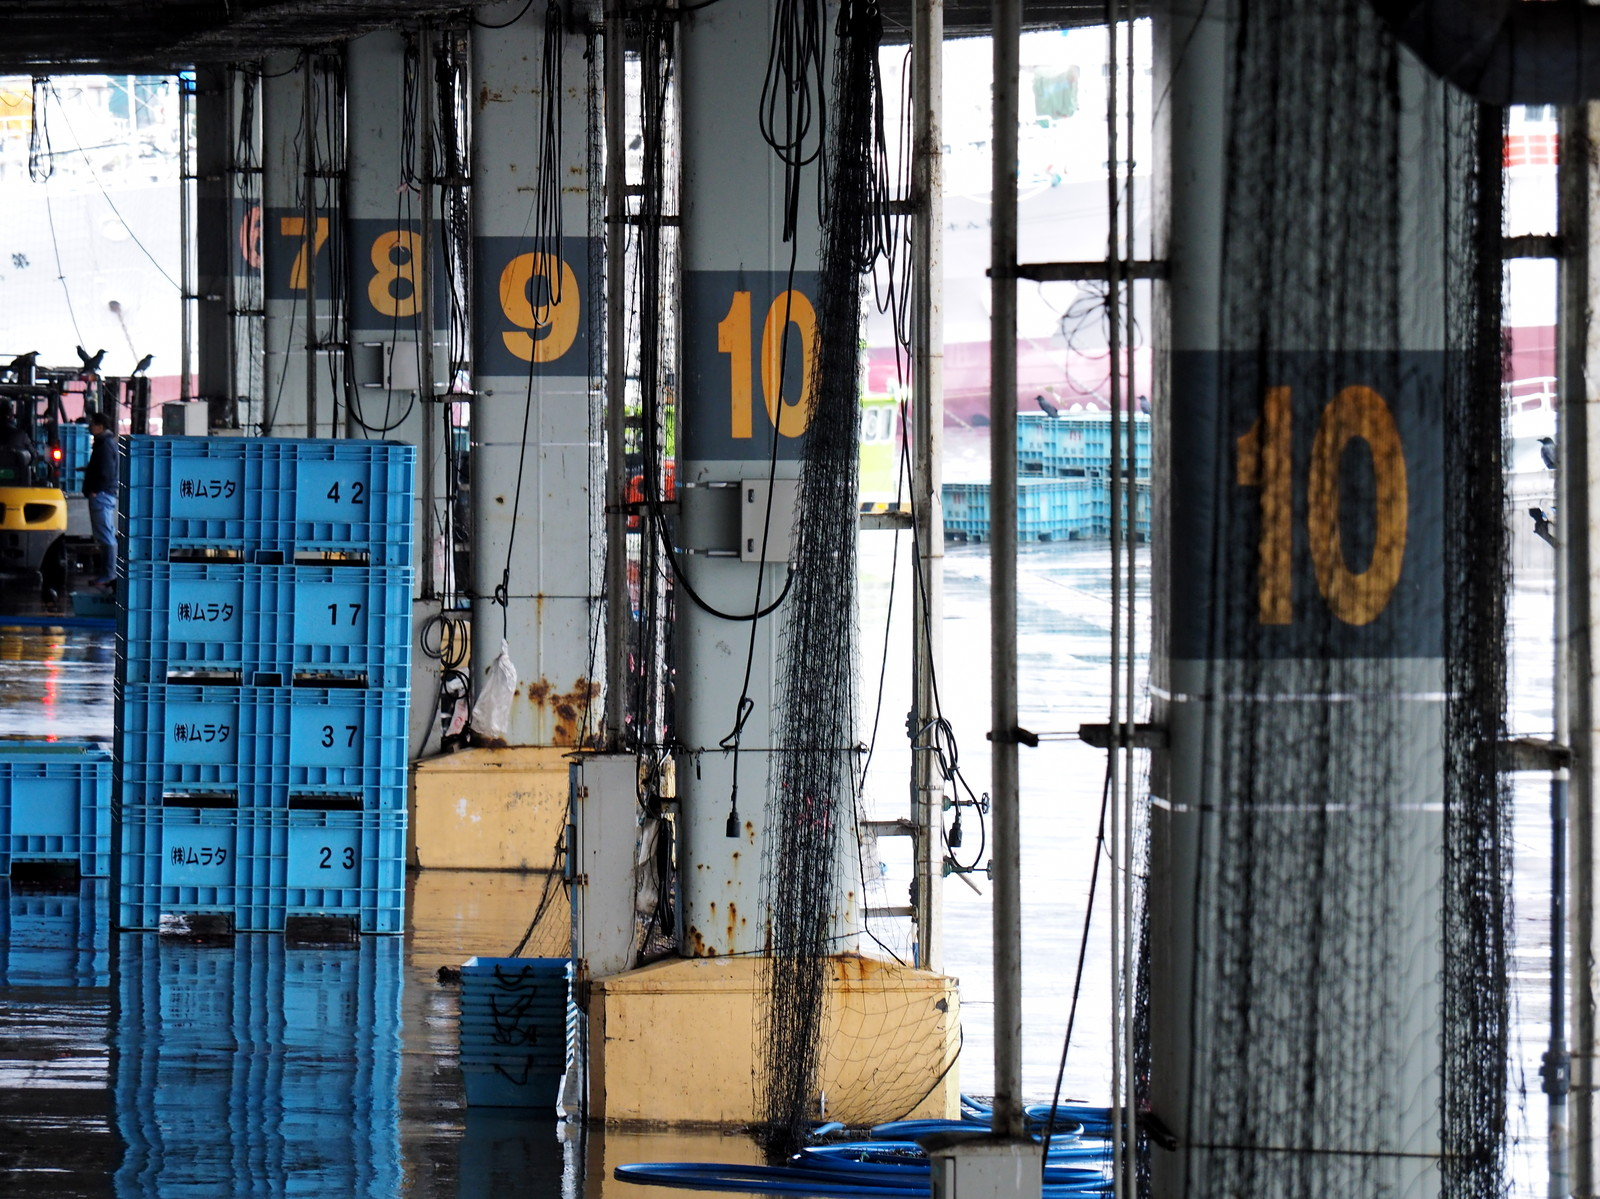 「セリ後の気仙沼漁港に並ぶボウラ」の写真